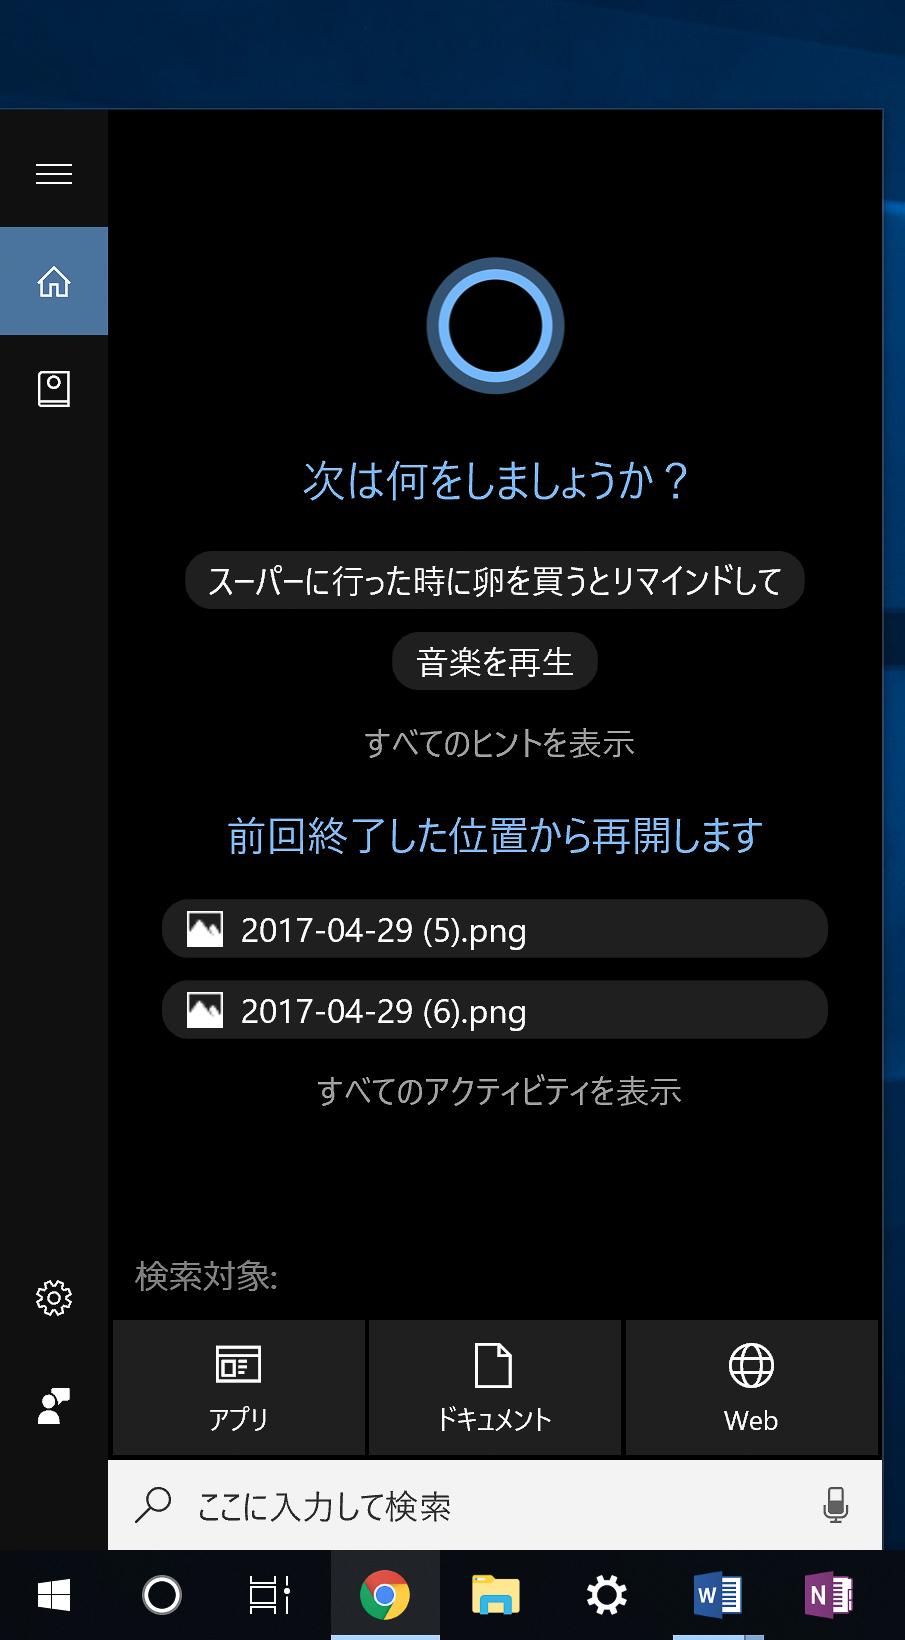 Cortanaはタイムラインと連動し、「前回作業を終了した時に使っていたファイル」を覚えている。だからワンクリック(もしくは音声コマンド)で作業を再開できる